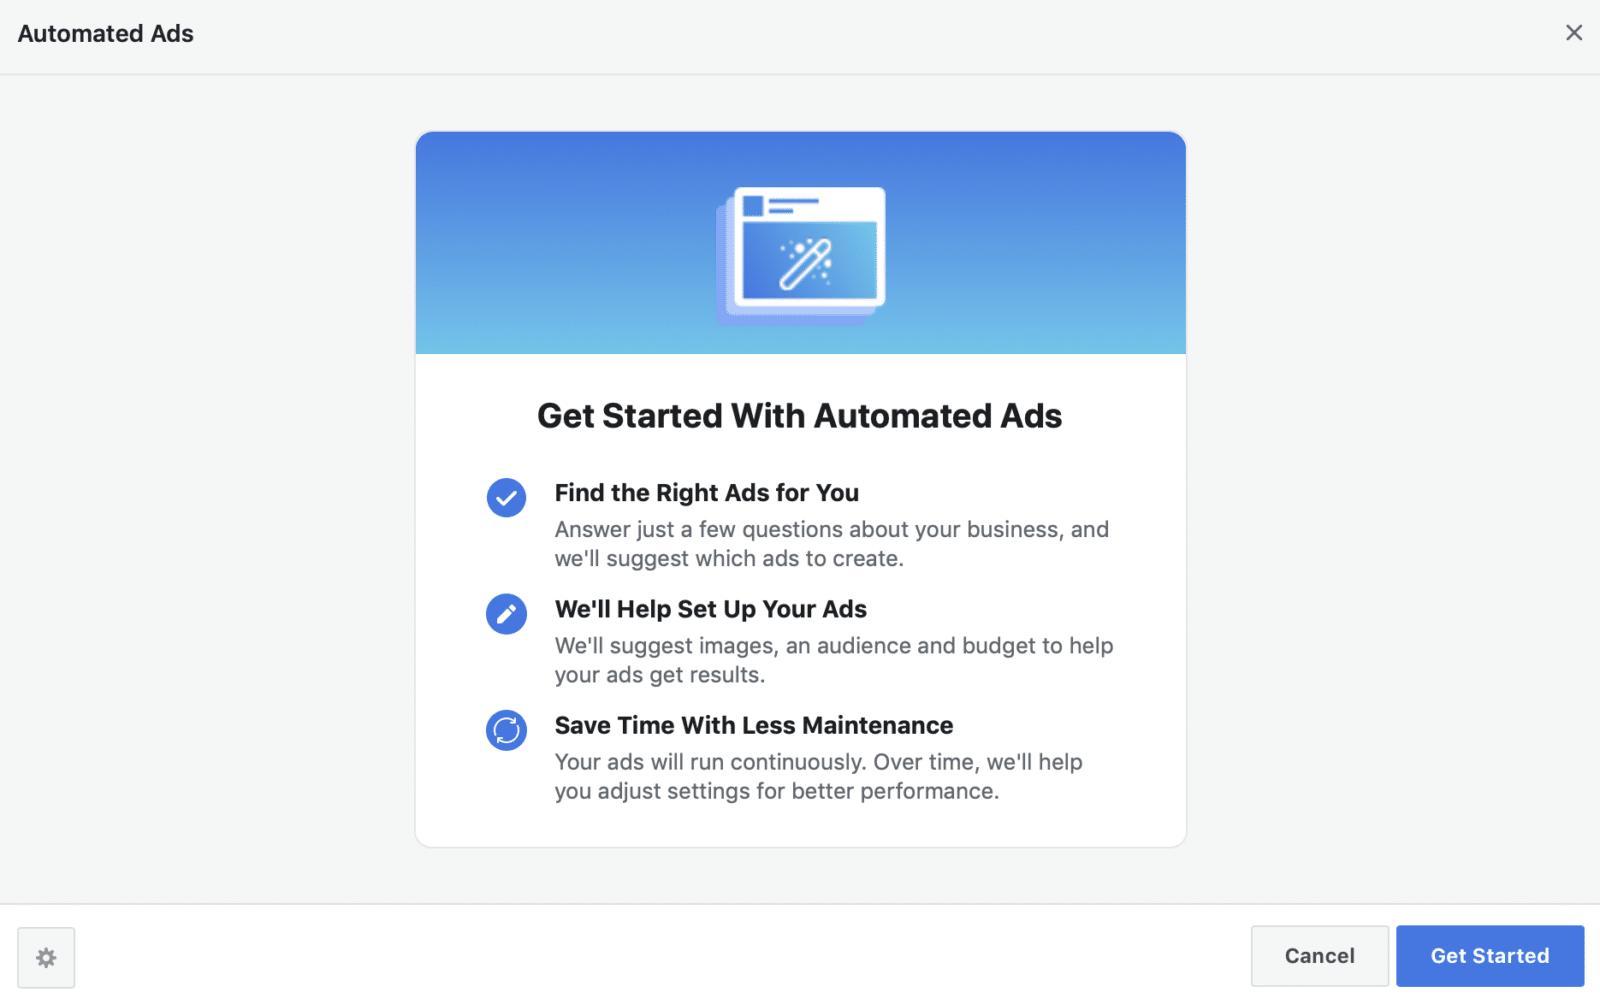 รู้จัก Automated Ads ตั้งงบลงโฆษณาแล้วให้ Facebook บริหารจัดการให้